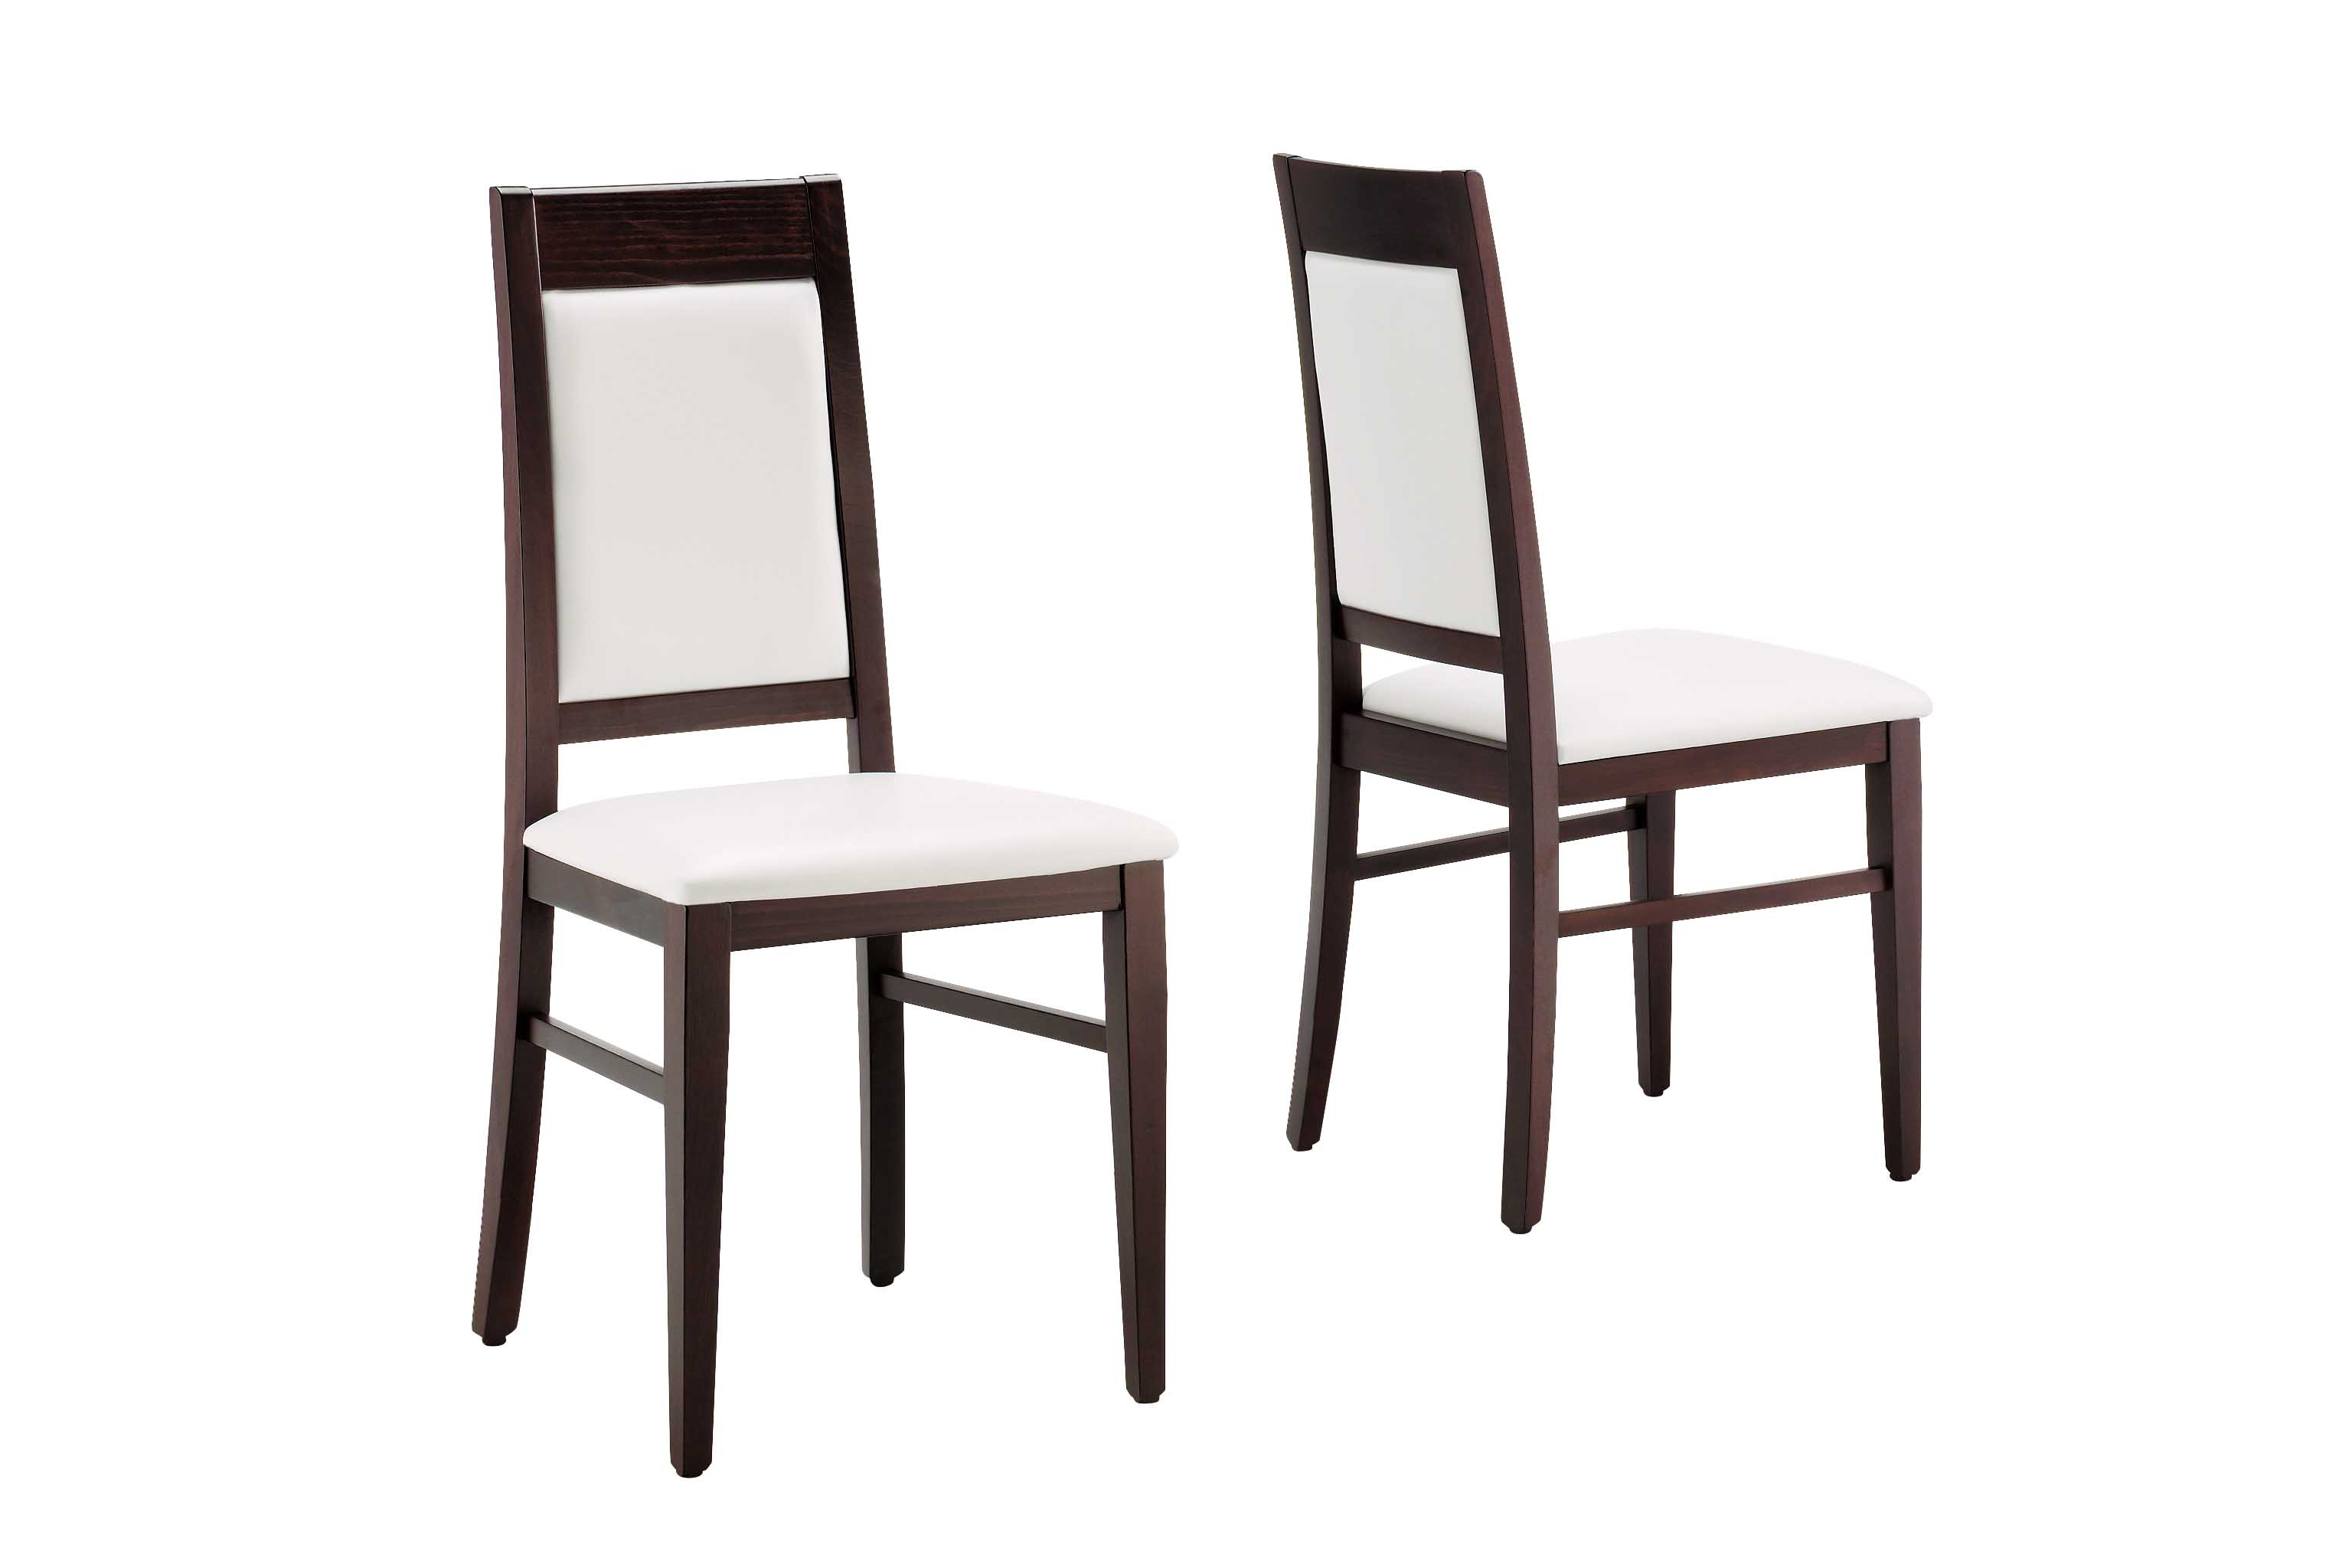 sillas de comedor contempor neo 4 0 1000 0 piezas mensual